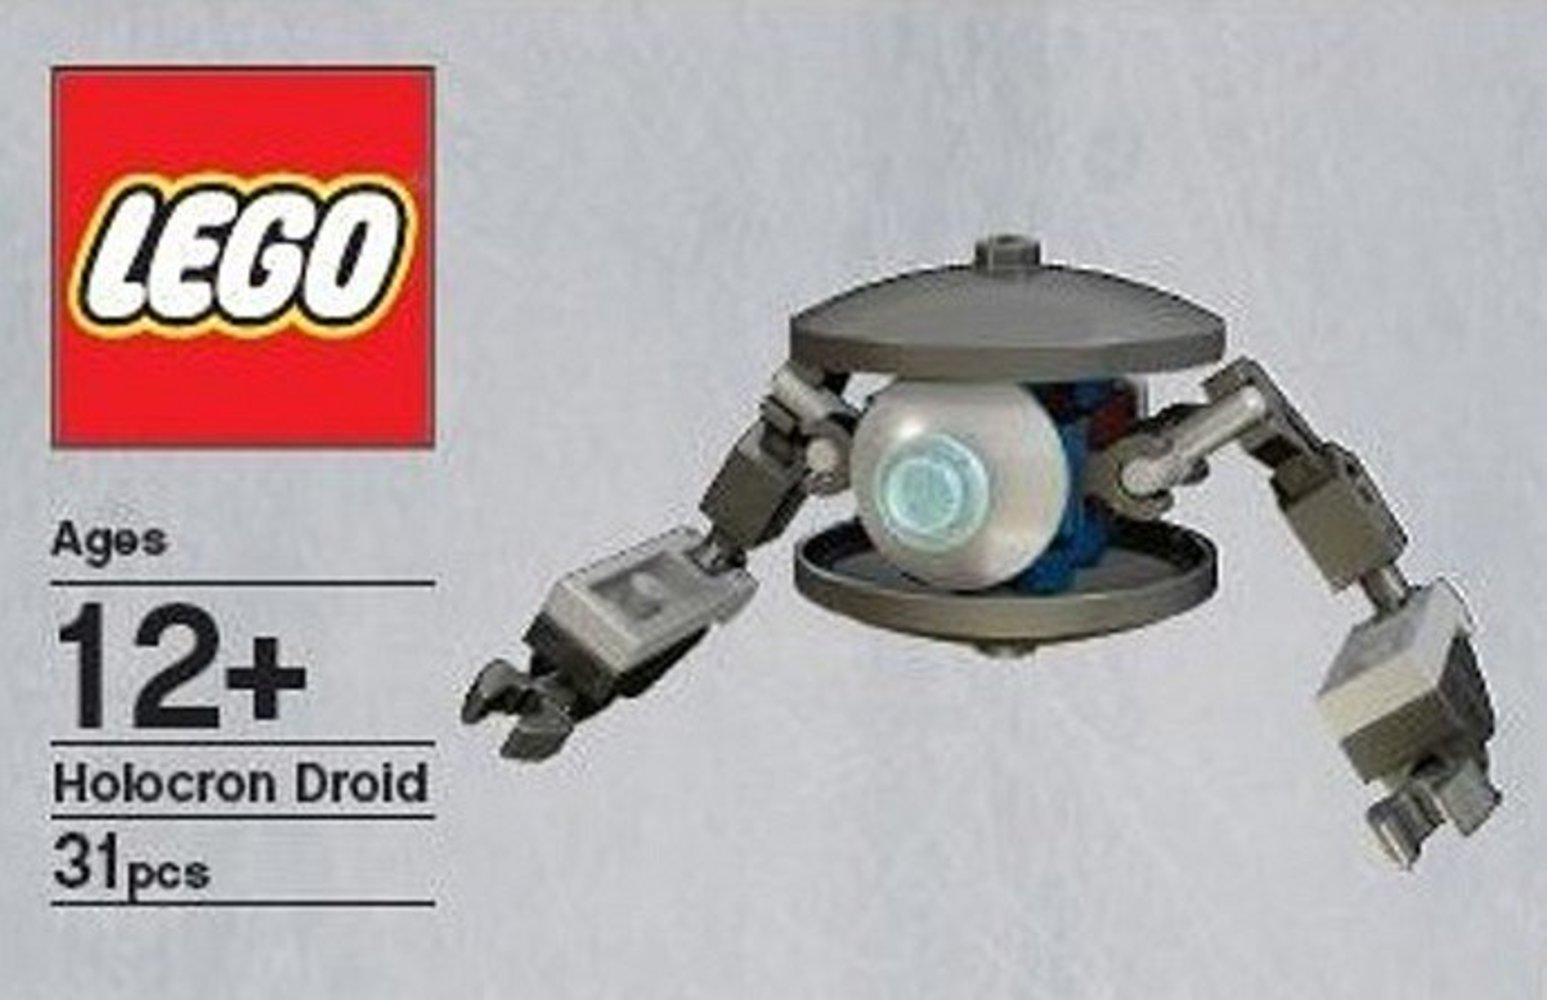 Holocron Droid